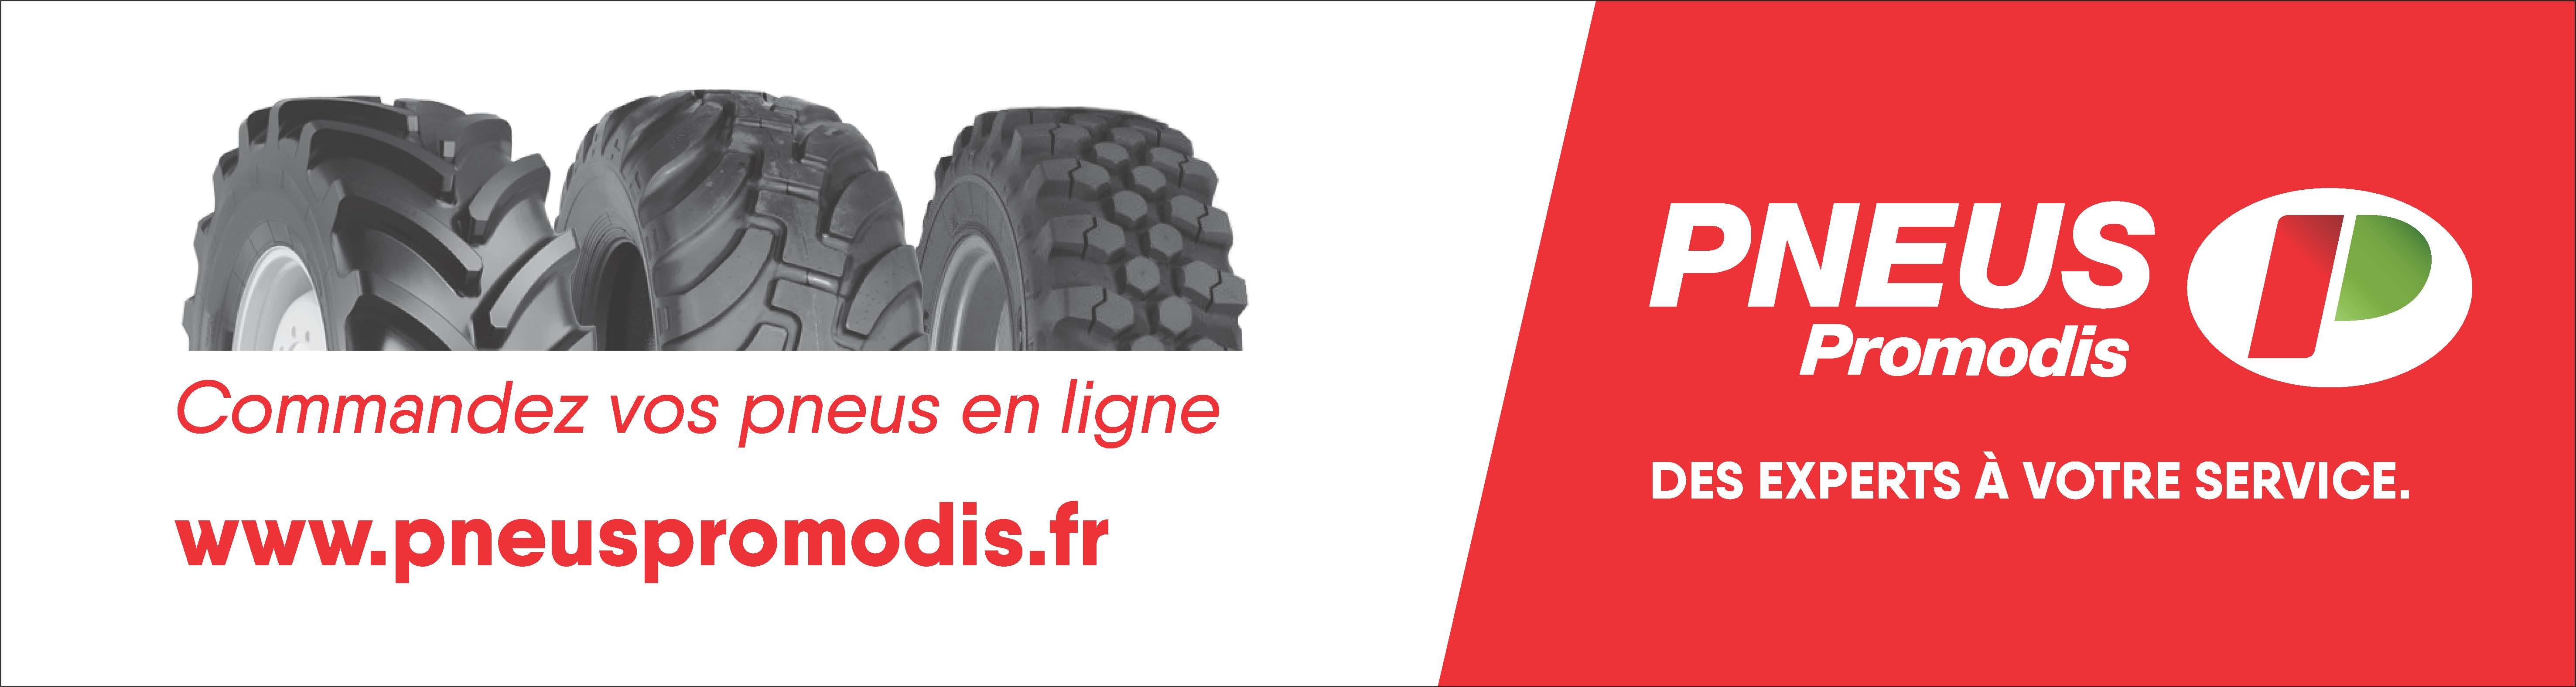 NOUVEAU ! Commandez vos pneus en ligne sur www.pneuspromodis.fr